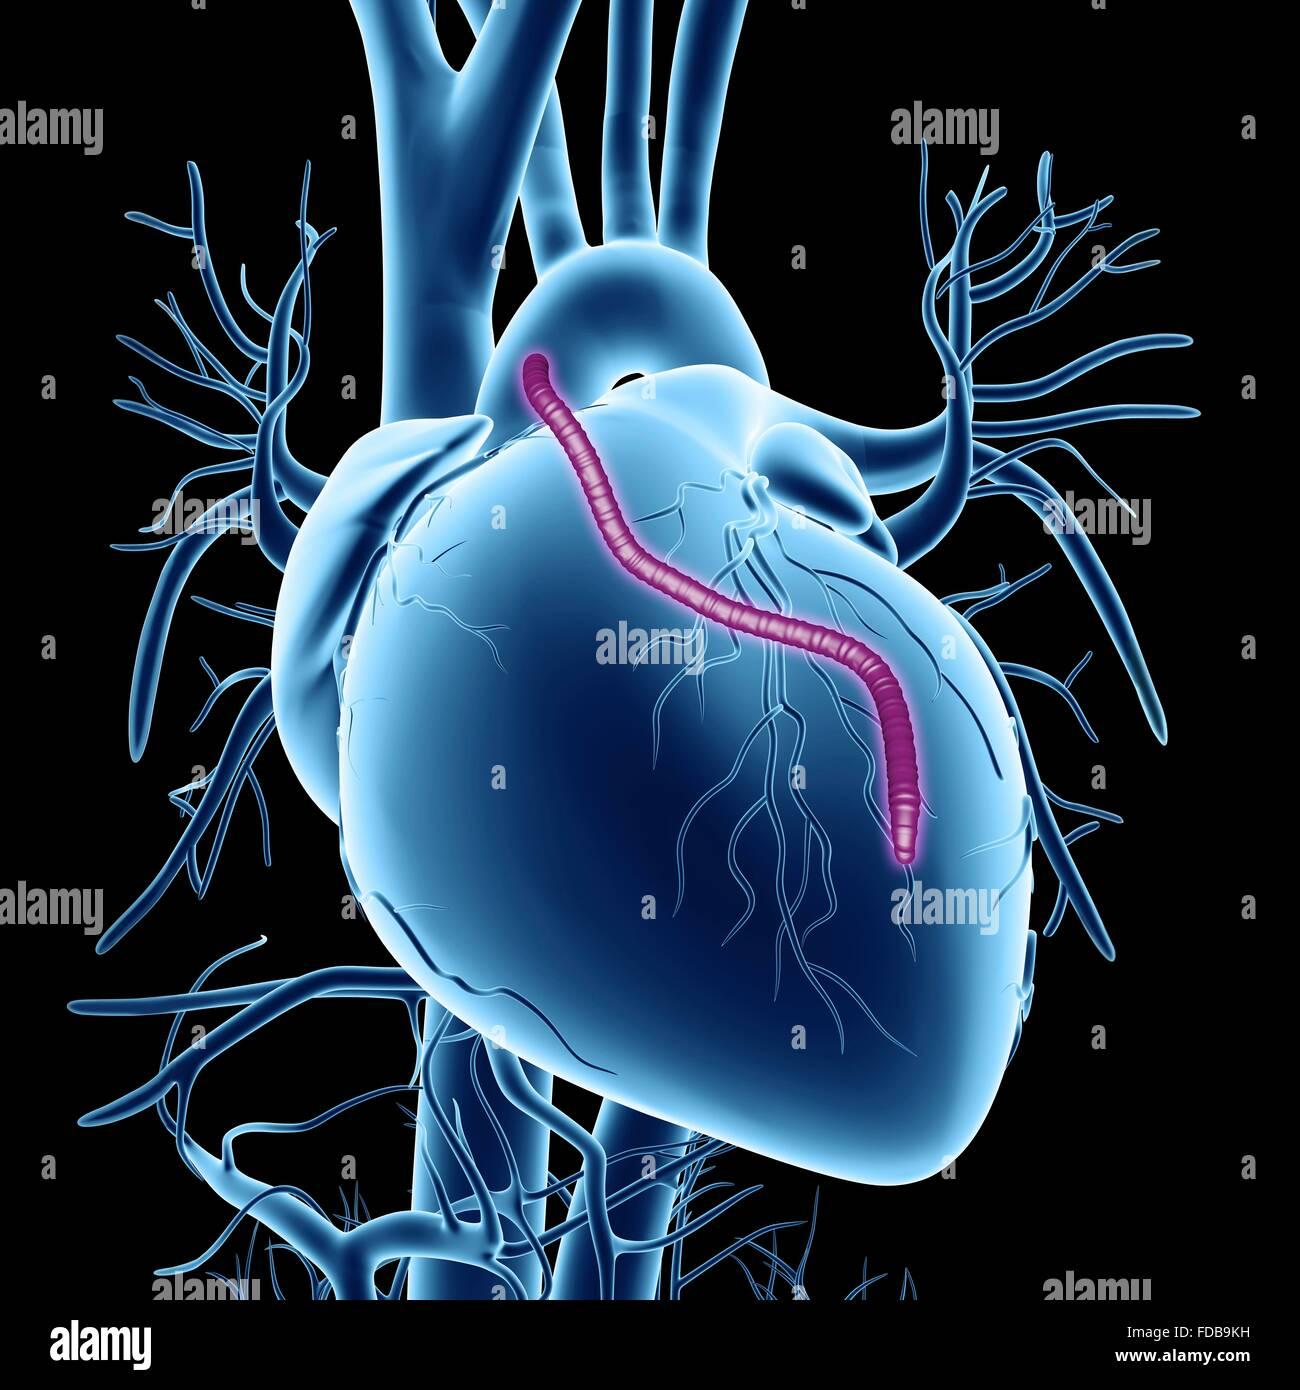 Coronary Artery Bypass Graft Stockfotos & Coronary Artery Bypass ...